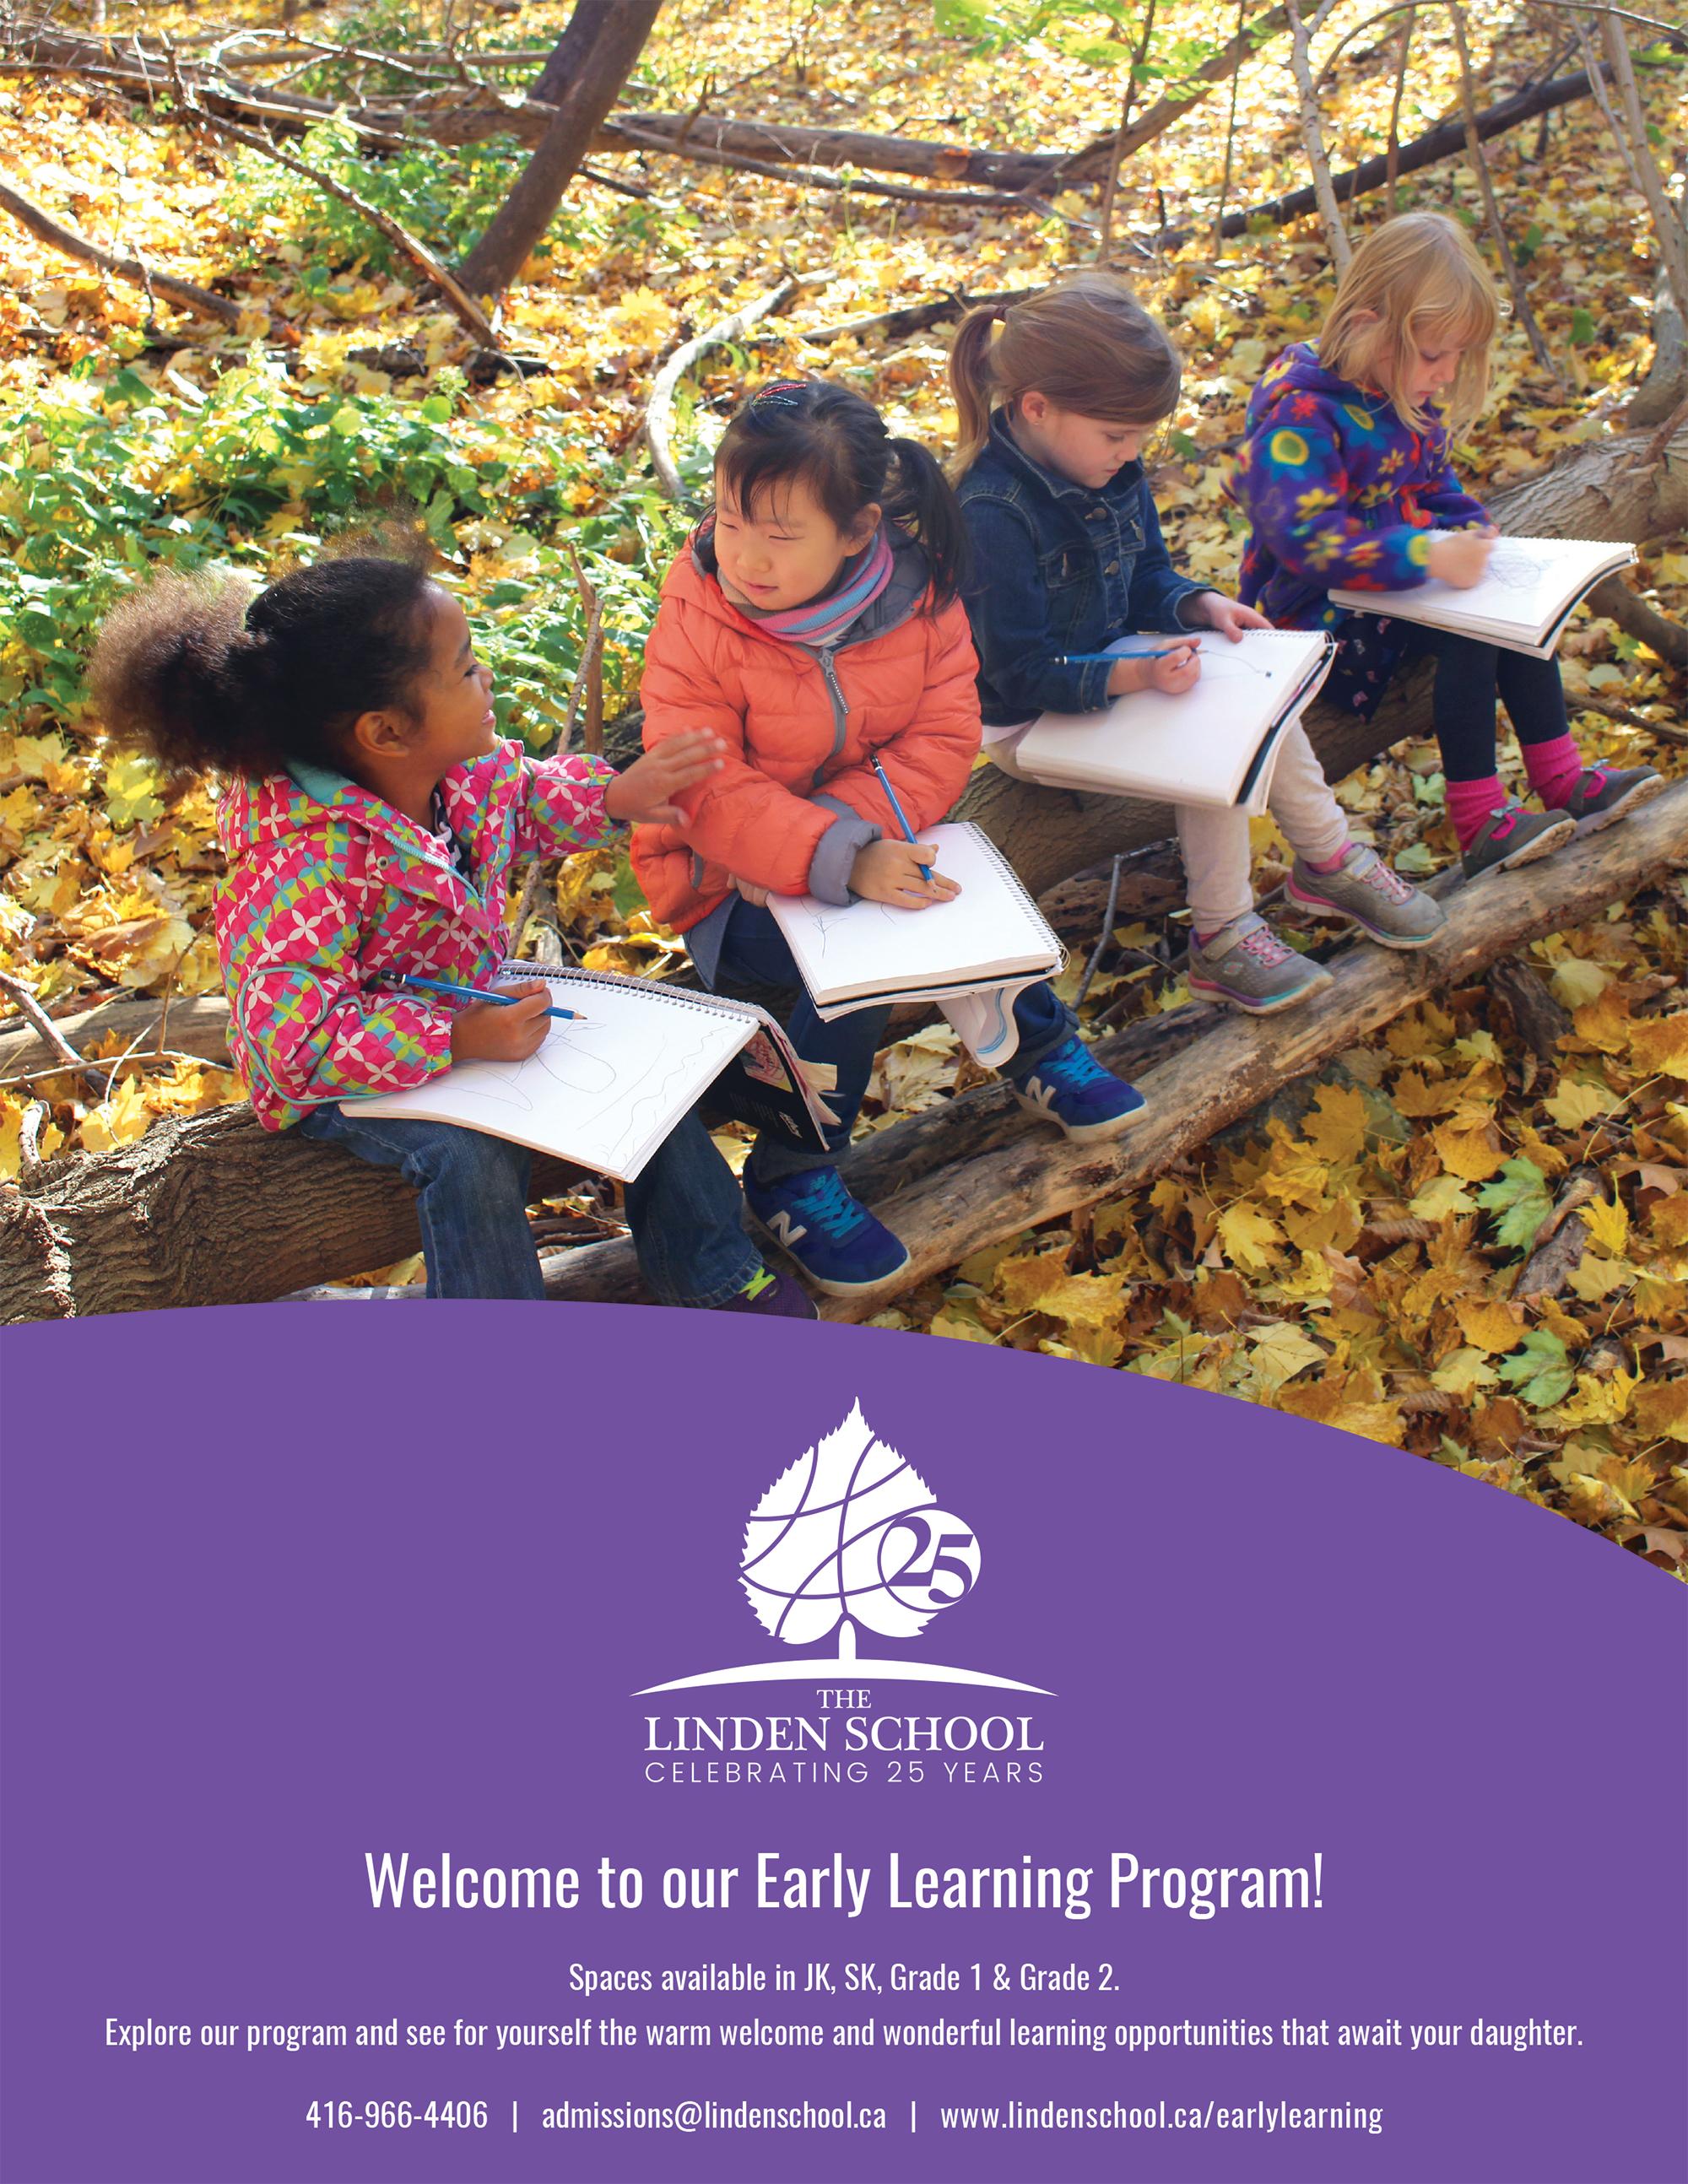 Early_Learning_Brochure_2017.jpg